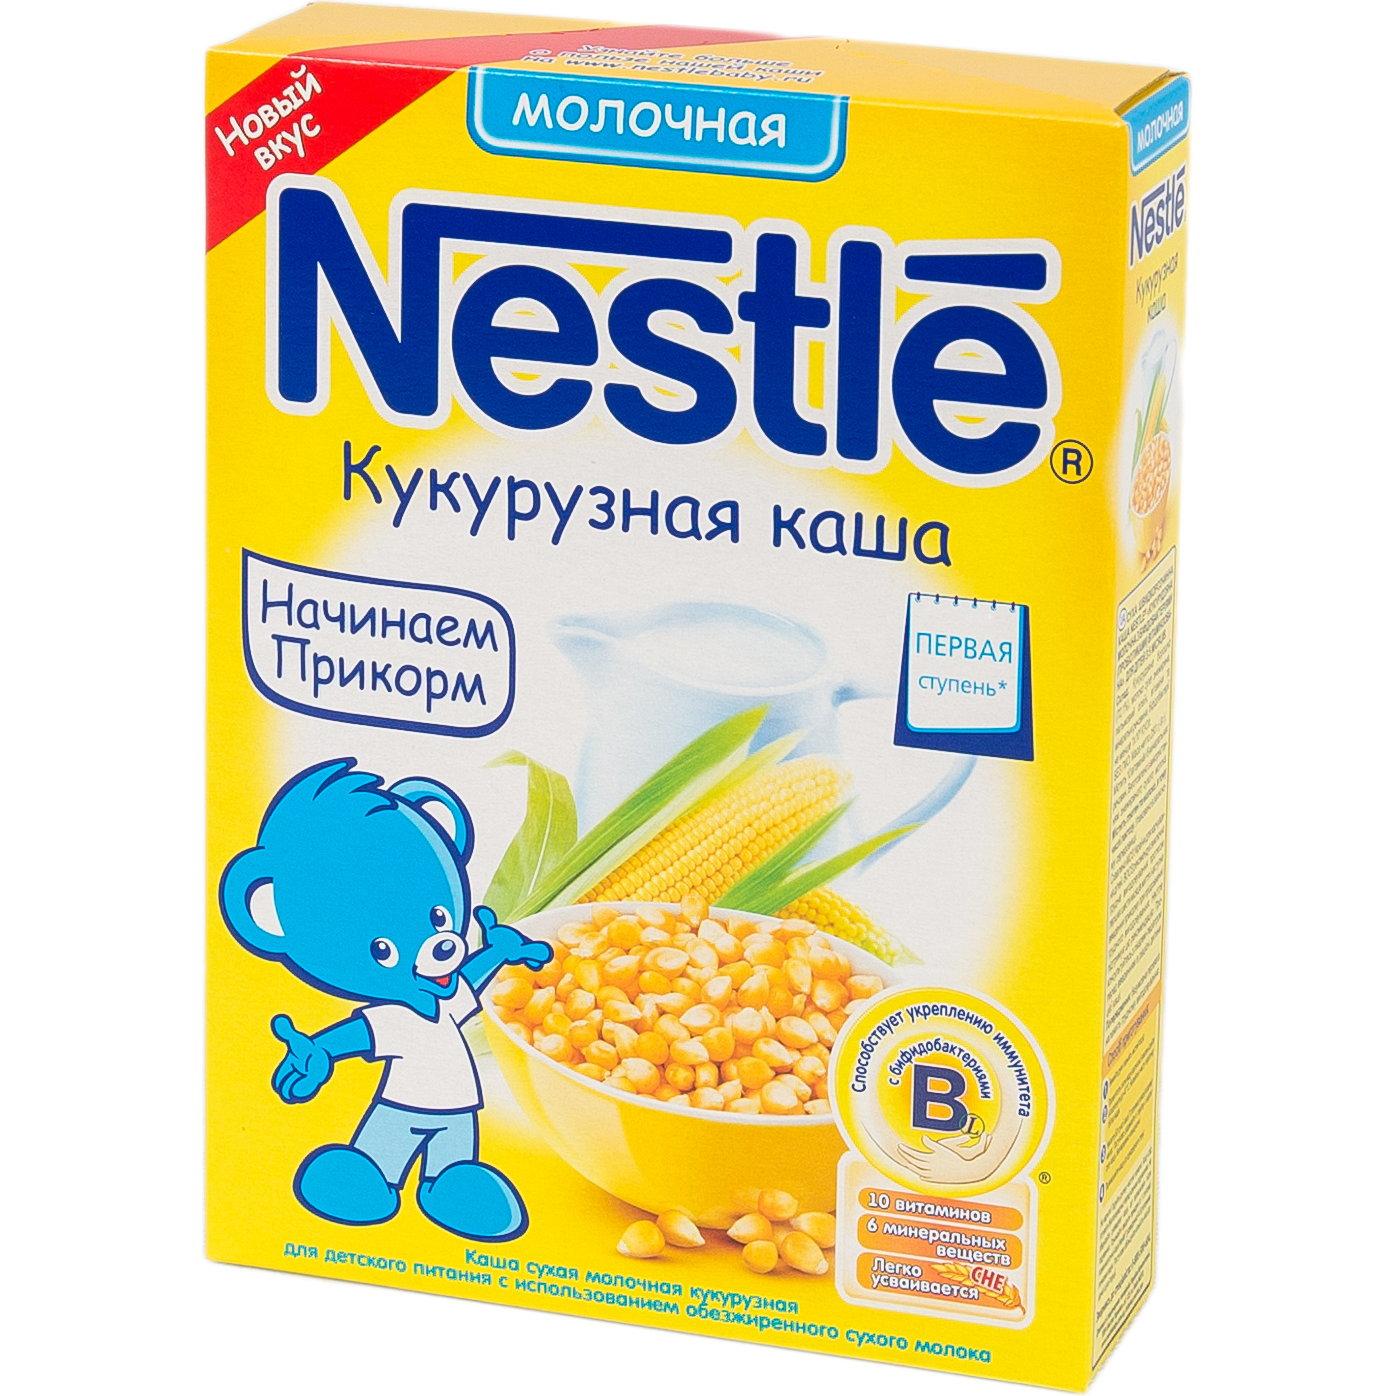 Каша Nestle молочная 250 гр Кукурузная (1 ступень)